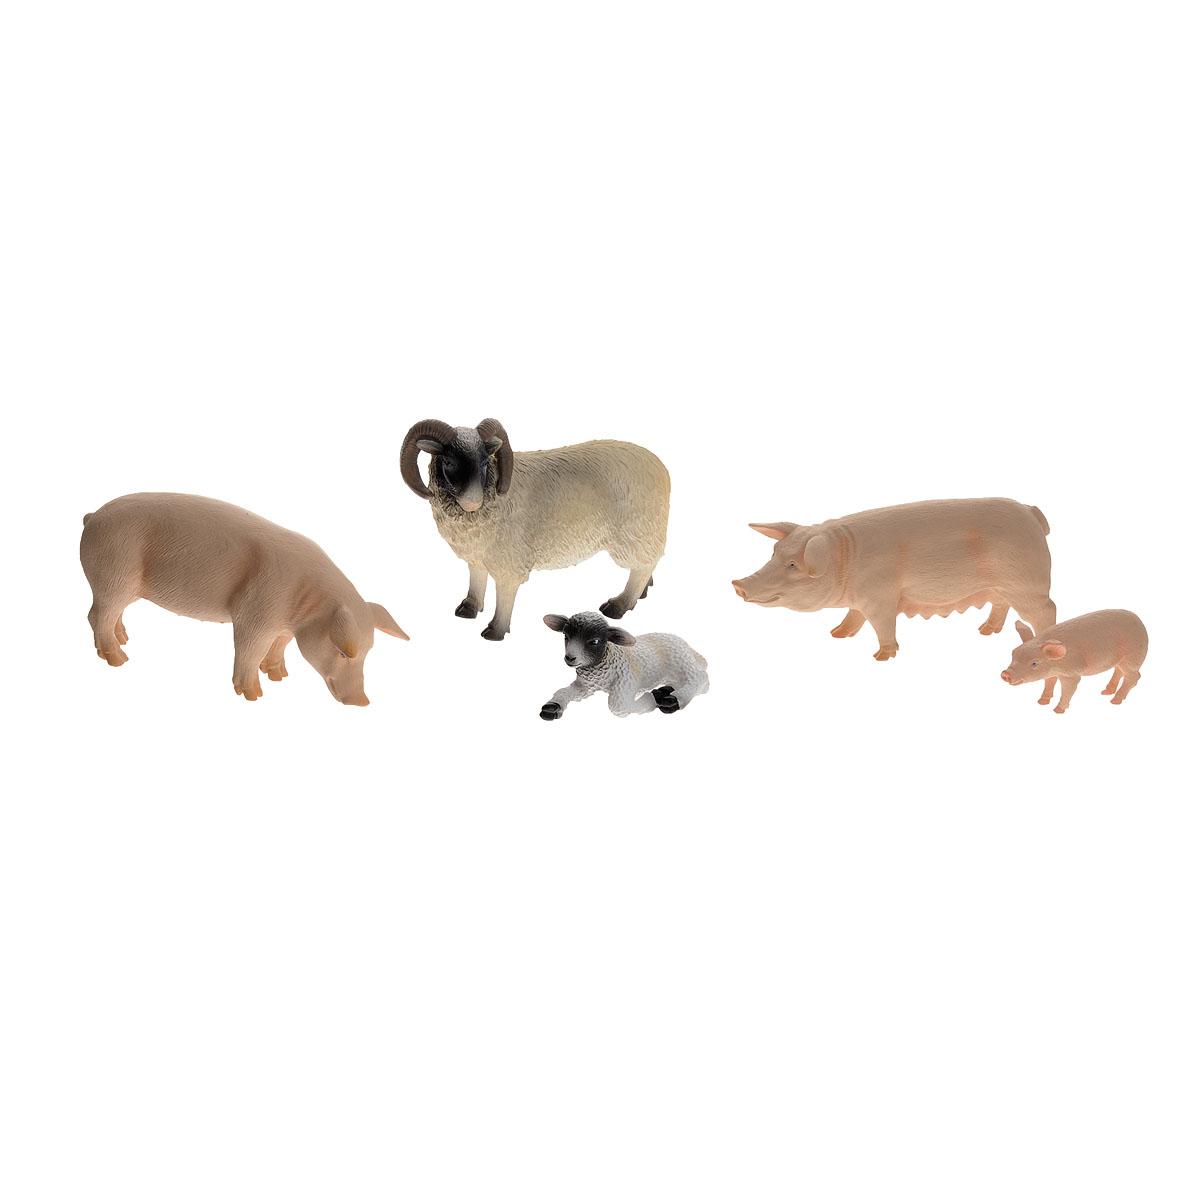 Набор фигурок Mojo Ферма, 5 шт. 387309387309Набор фигурок Mojo Ферма познакомят вашего ребенка с окружающим миром. В набор входят пять фигурок: баран, овечка, кабан, свинья и поросенок, которые имеют высокую степень сходства с настоящими животными фермы и очень высокую детализацию, что позволяет использовать фигурки не только как игровые, но и как коллекционные. Кроме того, фигурки можно использовать в качестве наглядного пособия при изучении животного мира. Фигурки изготовлены из полимерного материала, не токсичны и не вызывают аллергию.